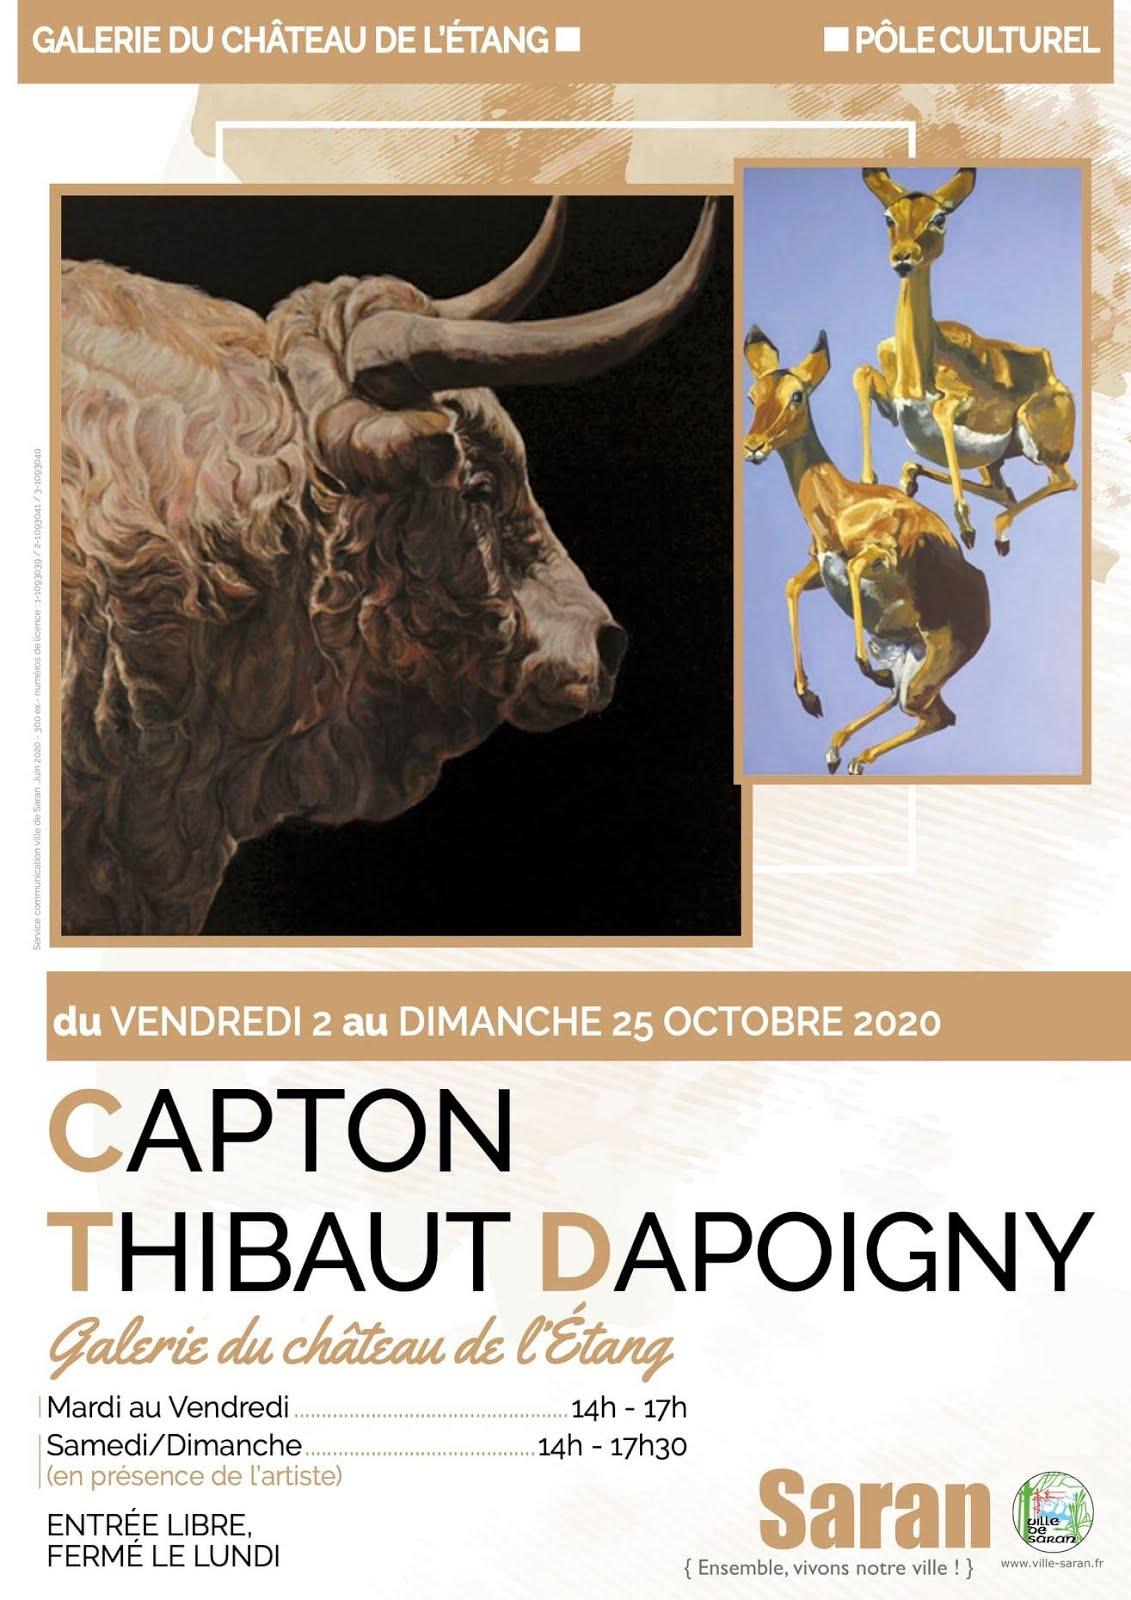 C A P T O N ET THIBAUT DAPOIGNY AU CHATEAU DE SARAN (LOIRET)